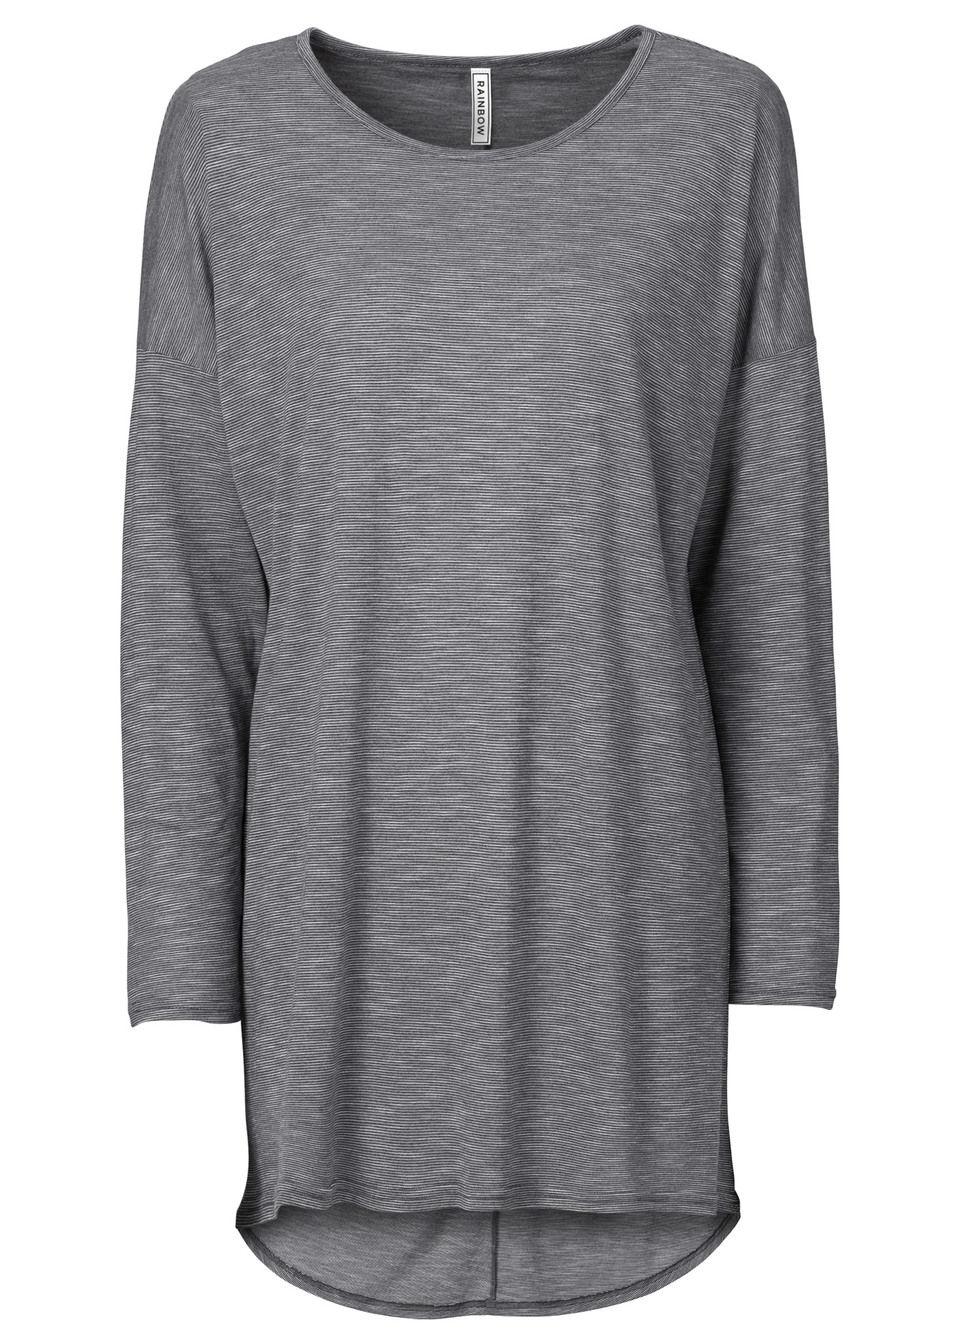 Фото - Лонгслив из меланжевой ткани от bonprix цвет серый многоцветный